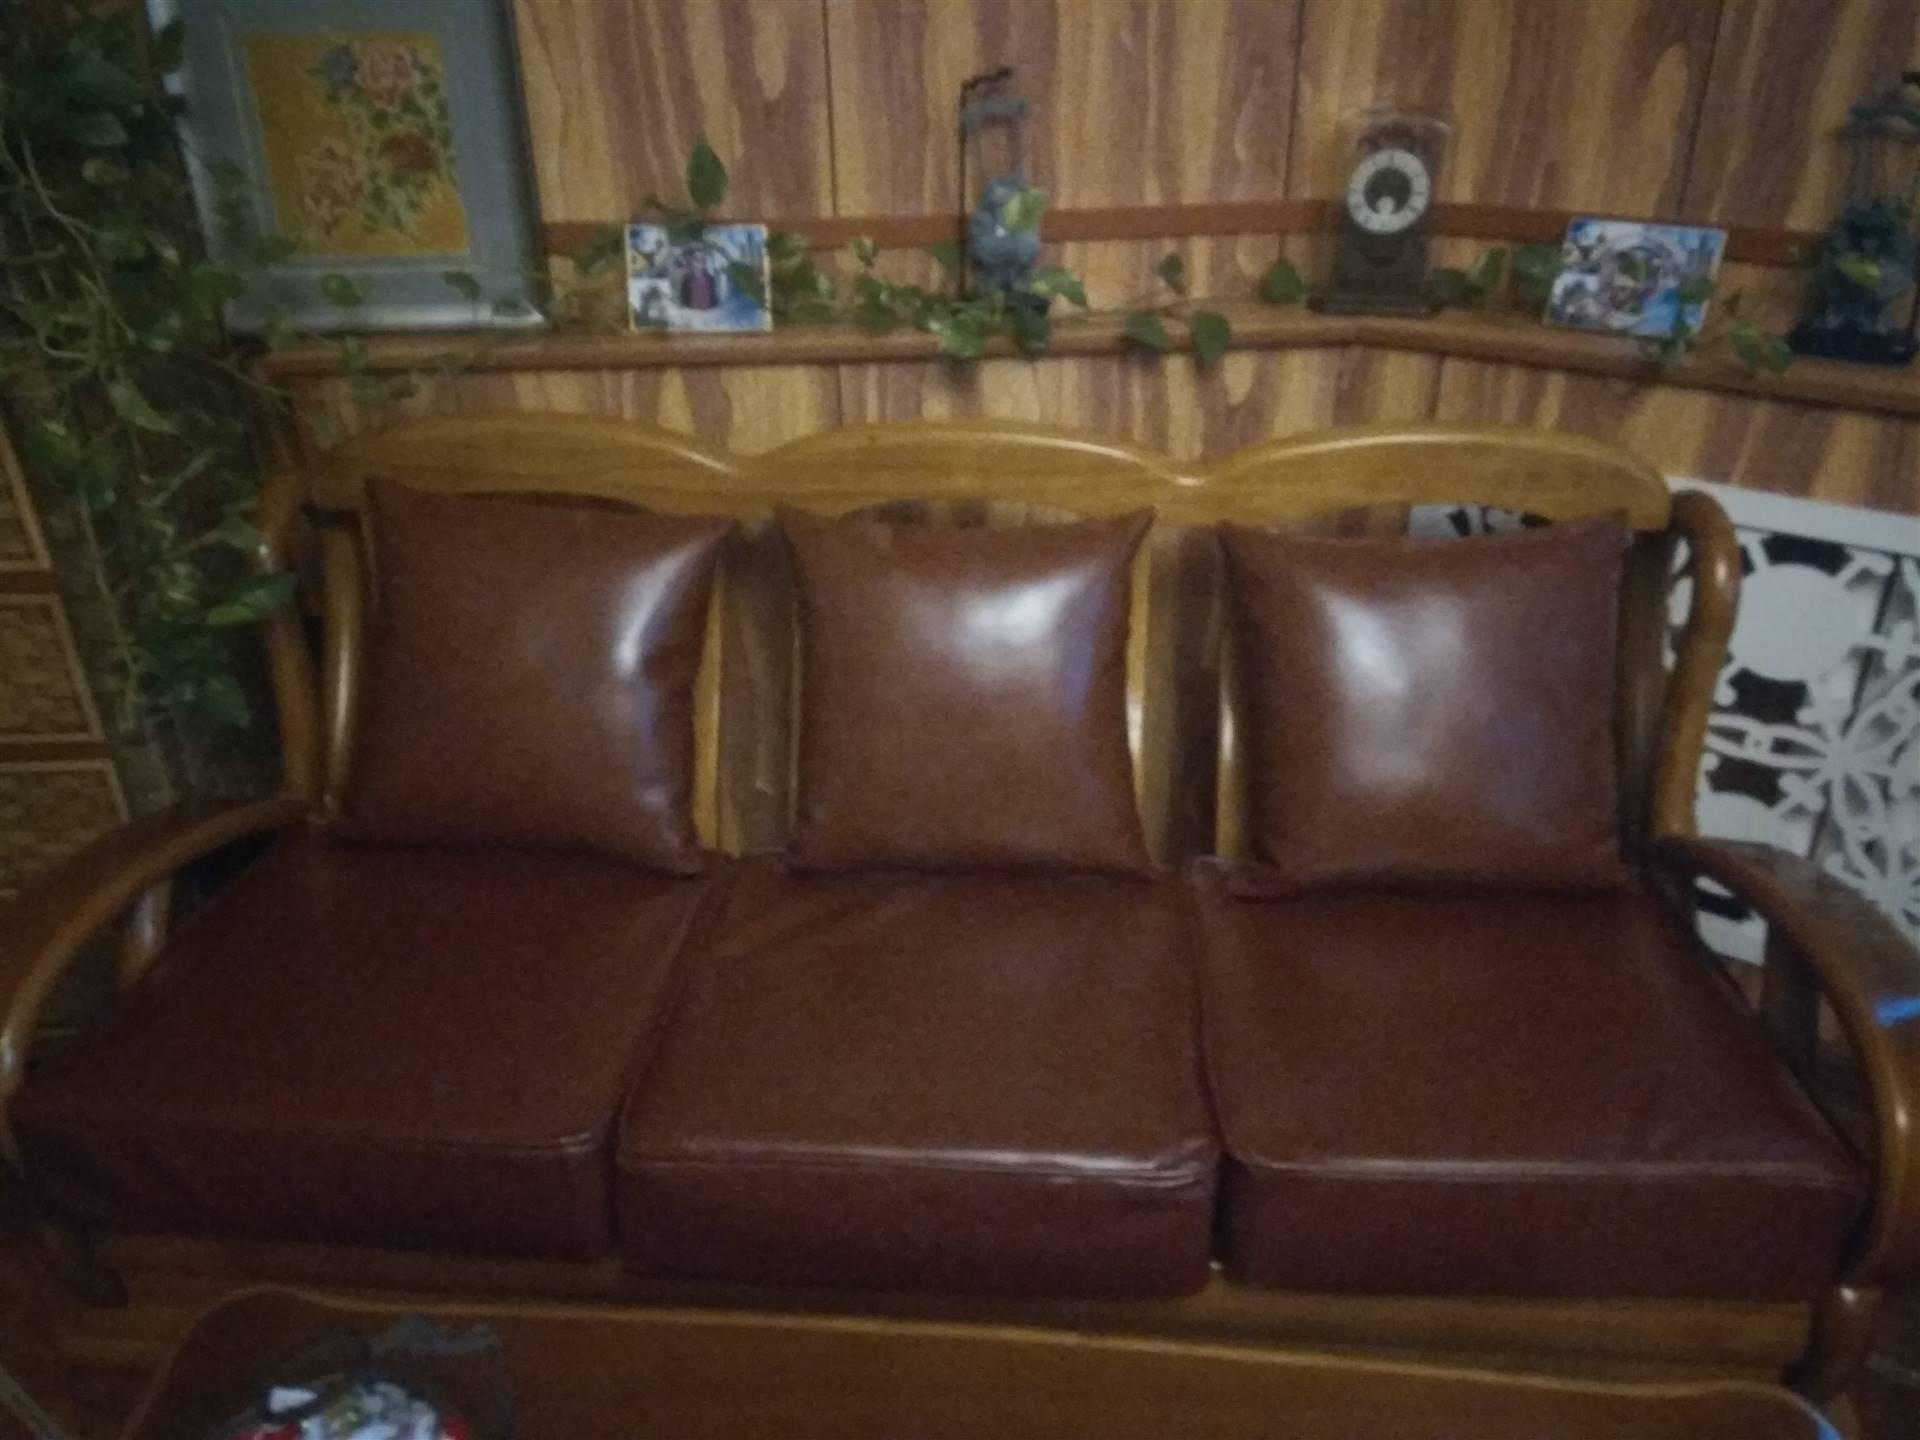 天津南开广开路沙发换面 办公沙发椅子维修 饭店卡座沙发换面